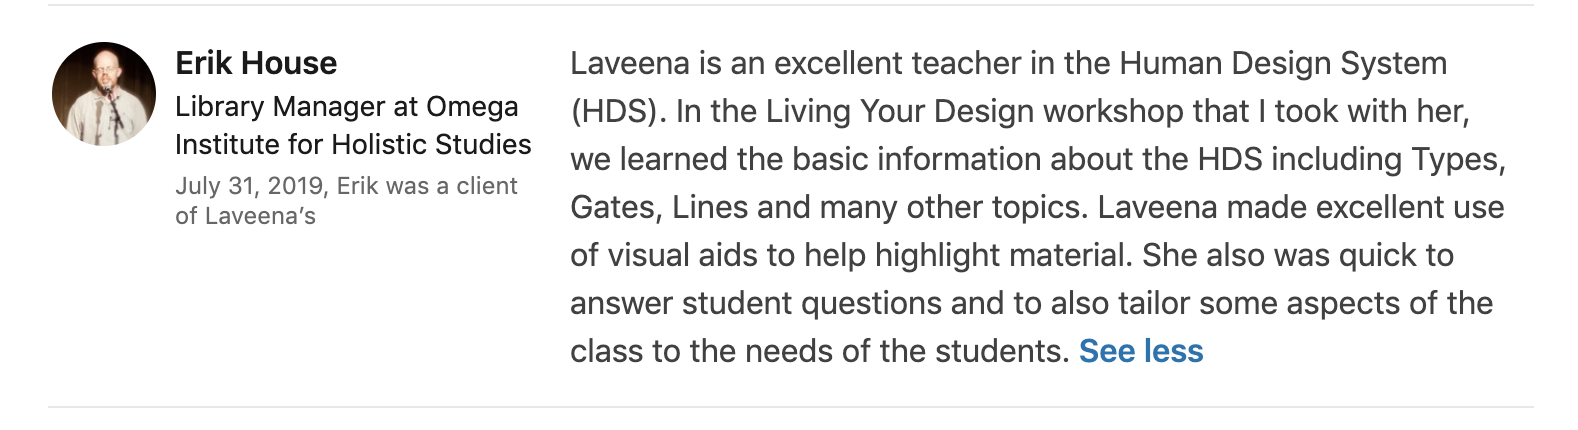 Laveena Archers Excellent Human Design System Teacher.png